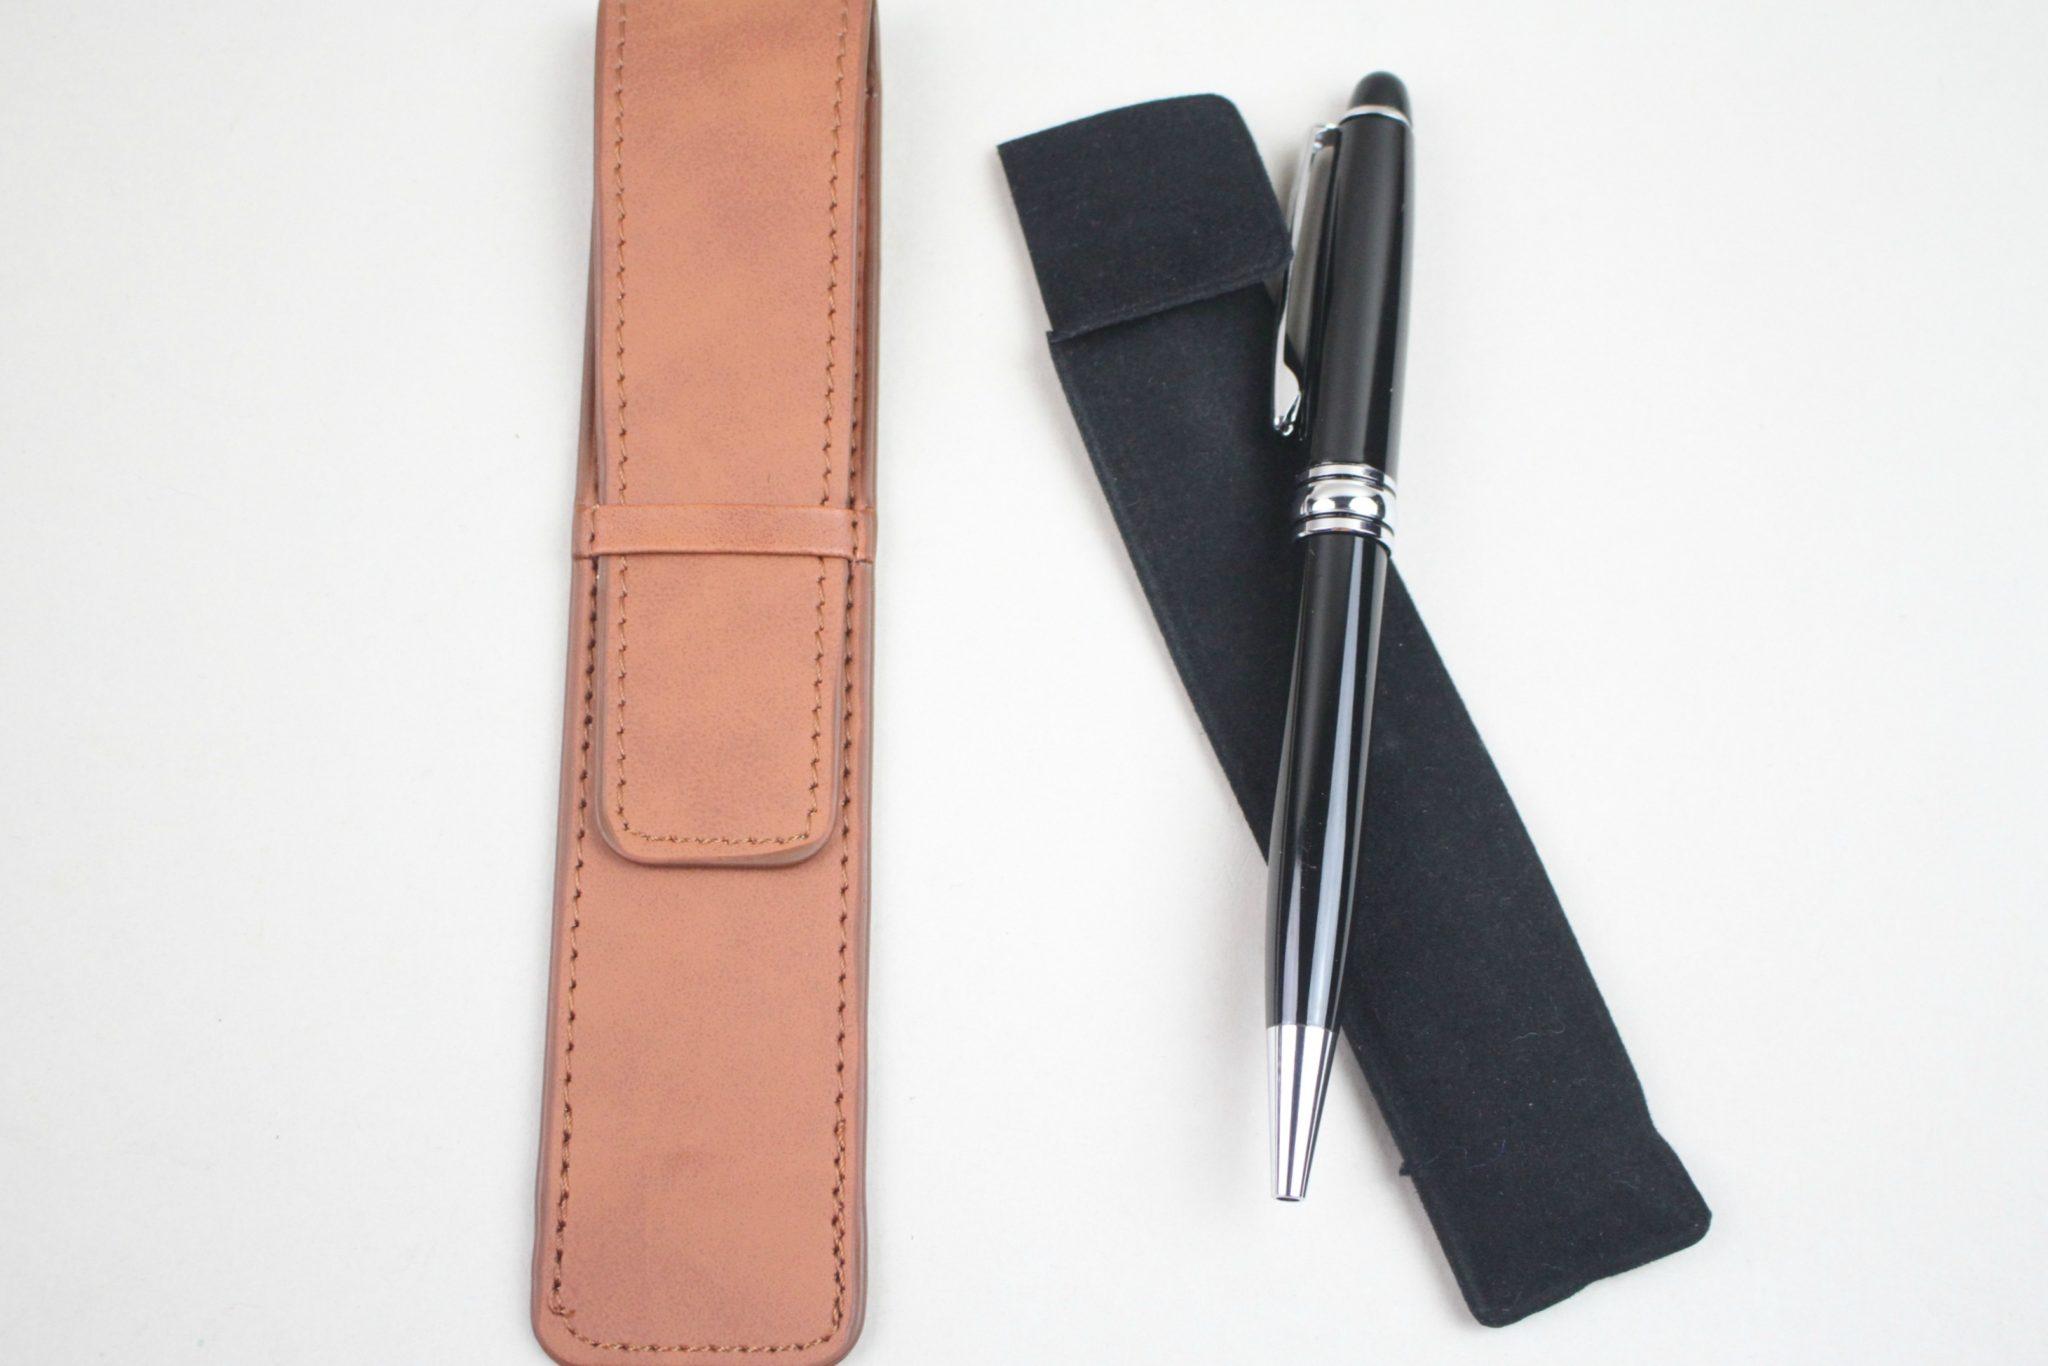 Bryer Leather Pen & Pen Case